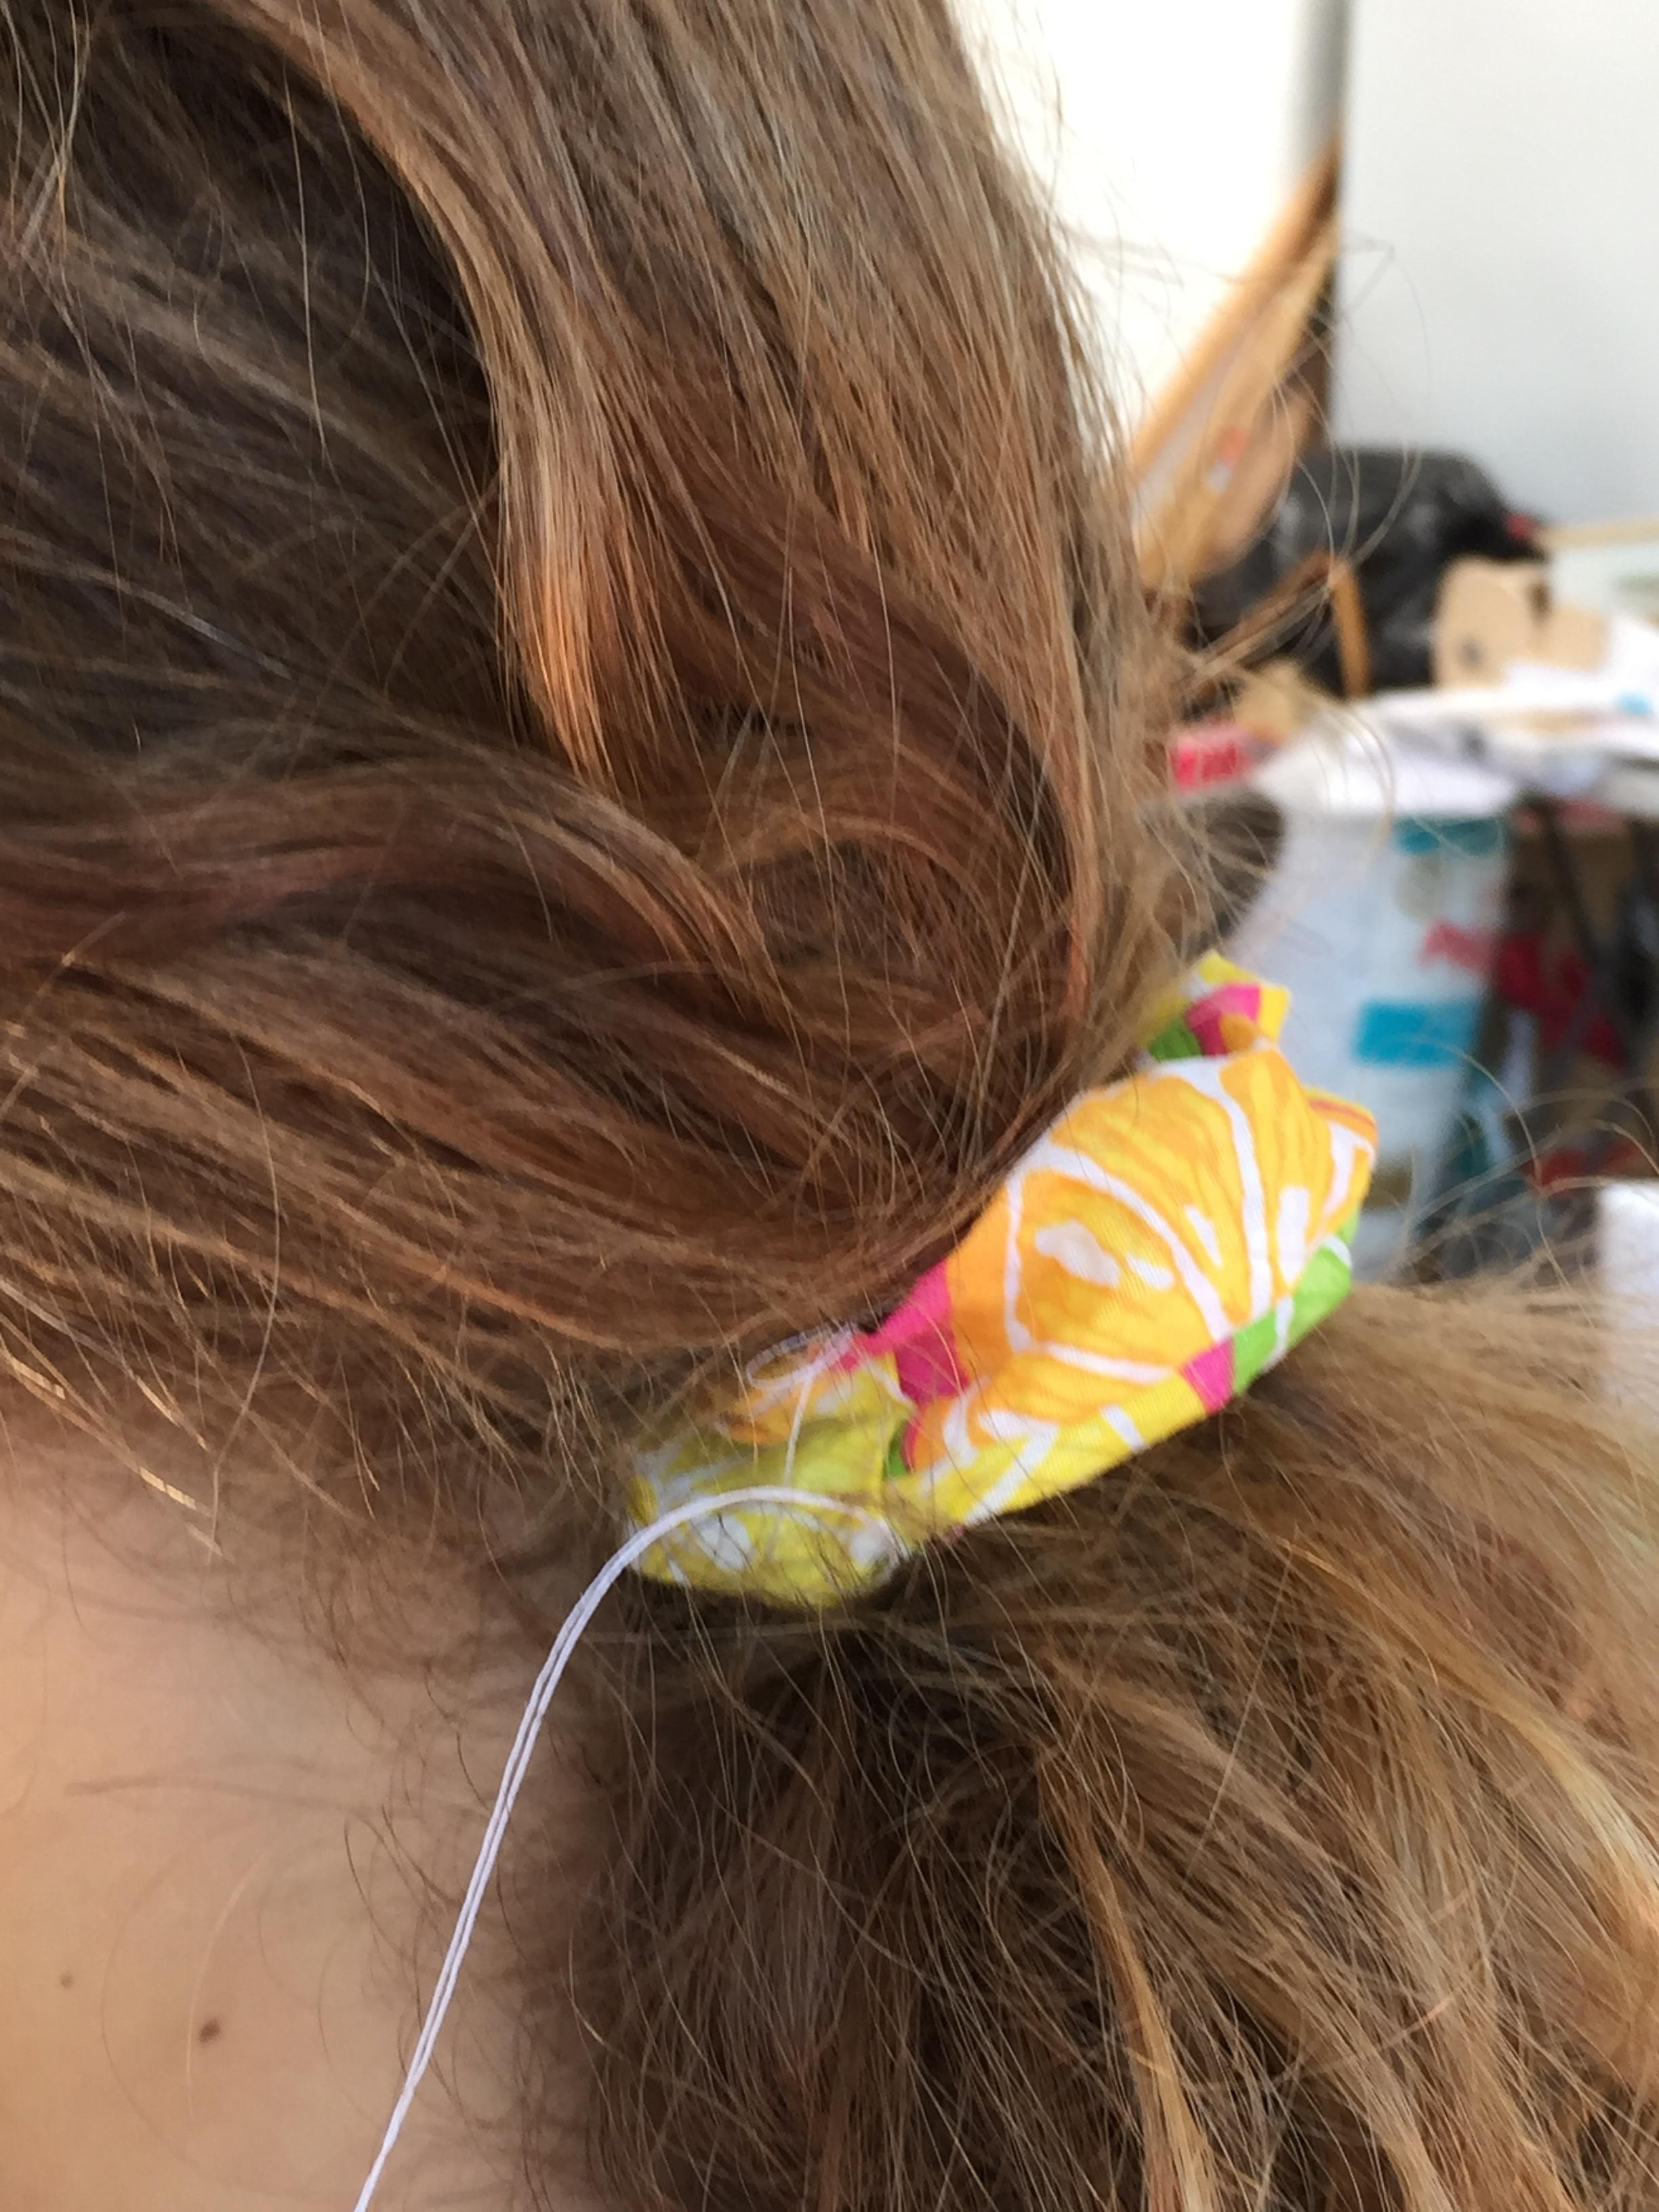 Hair scrunchie.